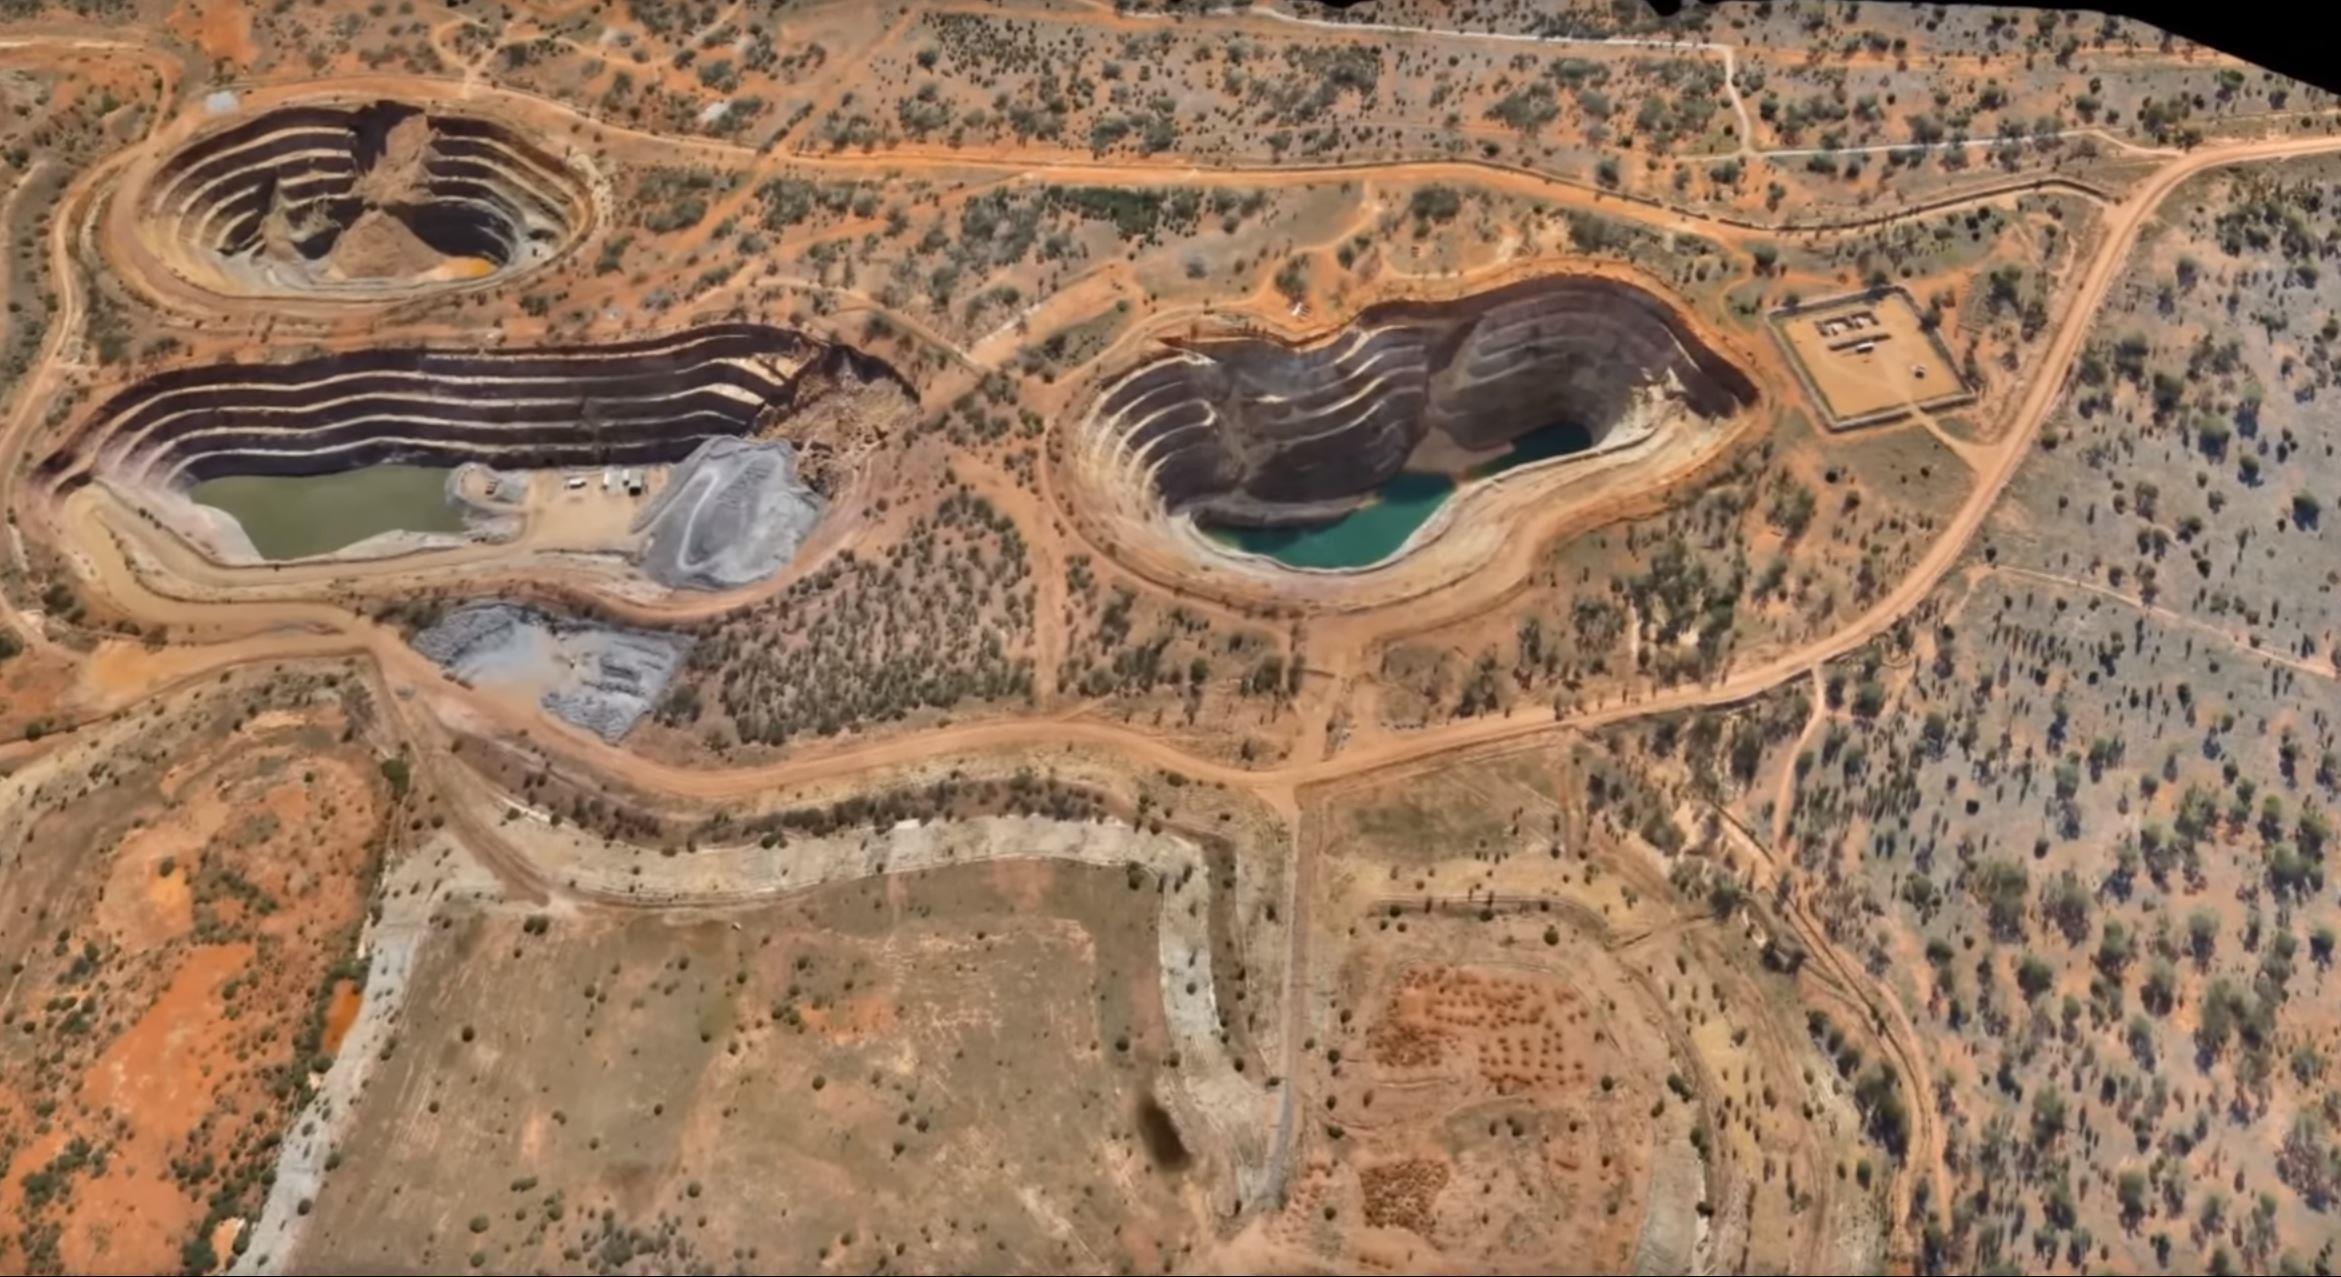 زیان پرو ناشی از تعطیلی فعالیت معدنی